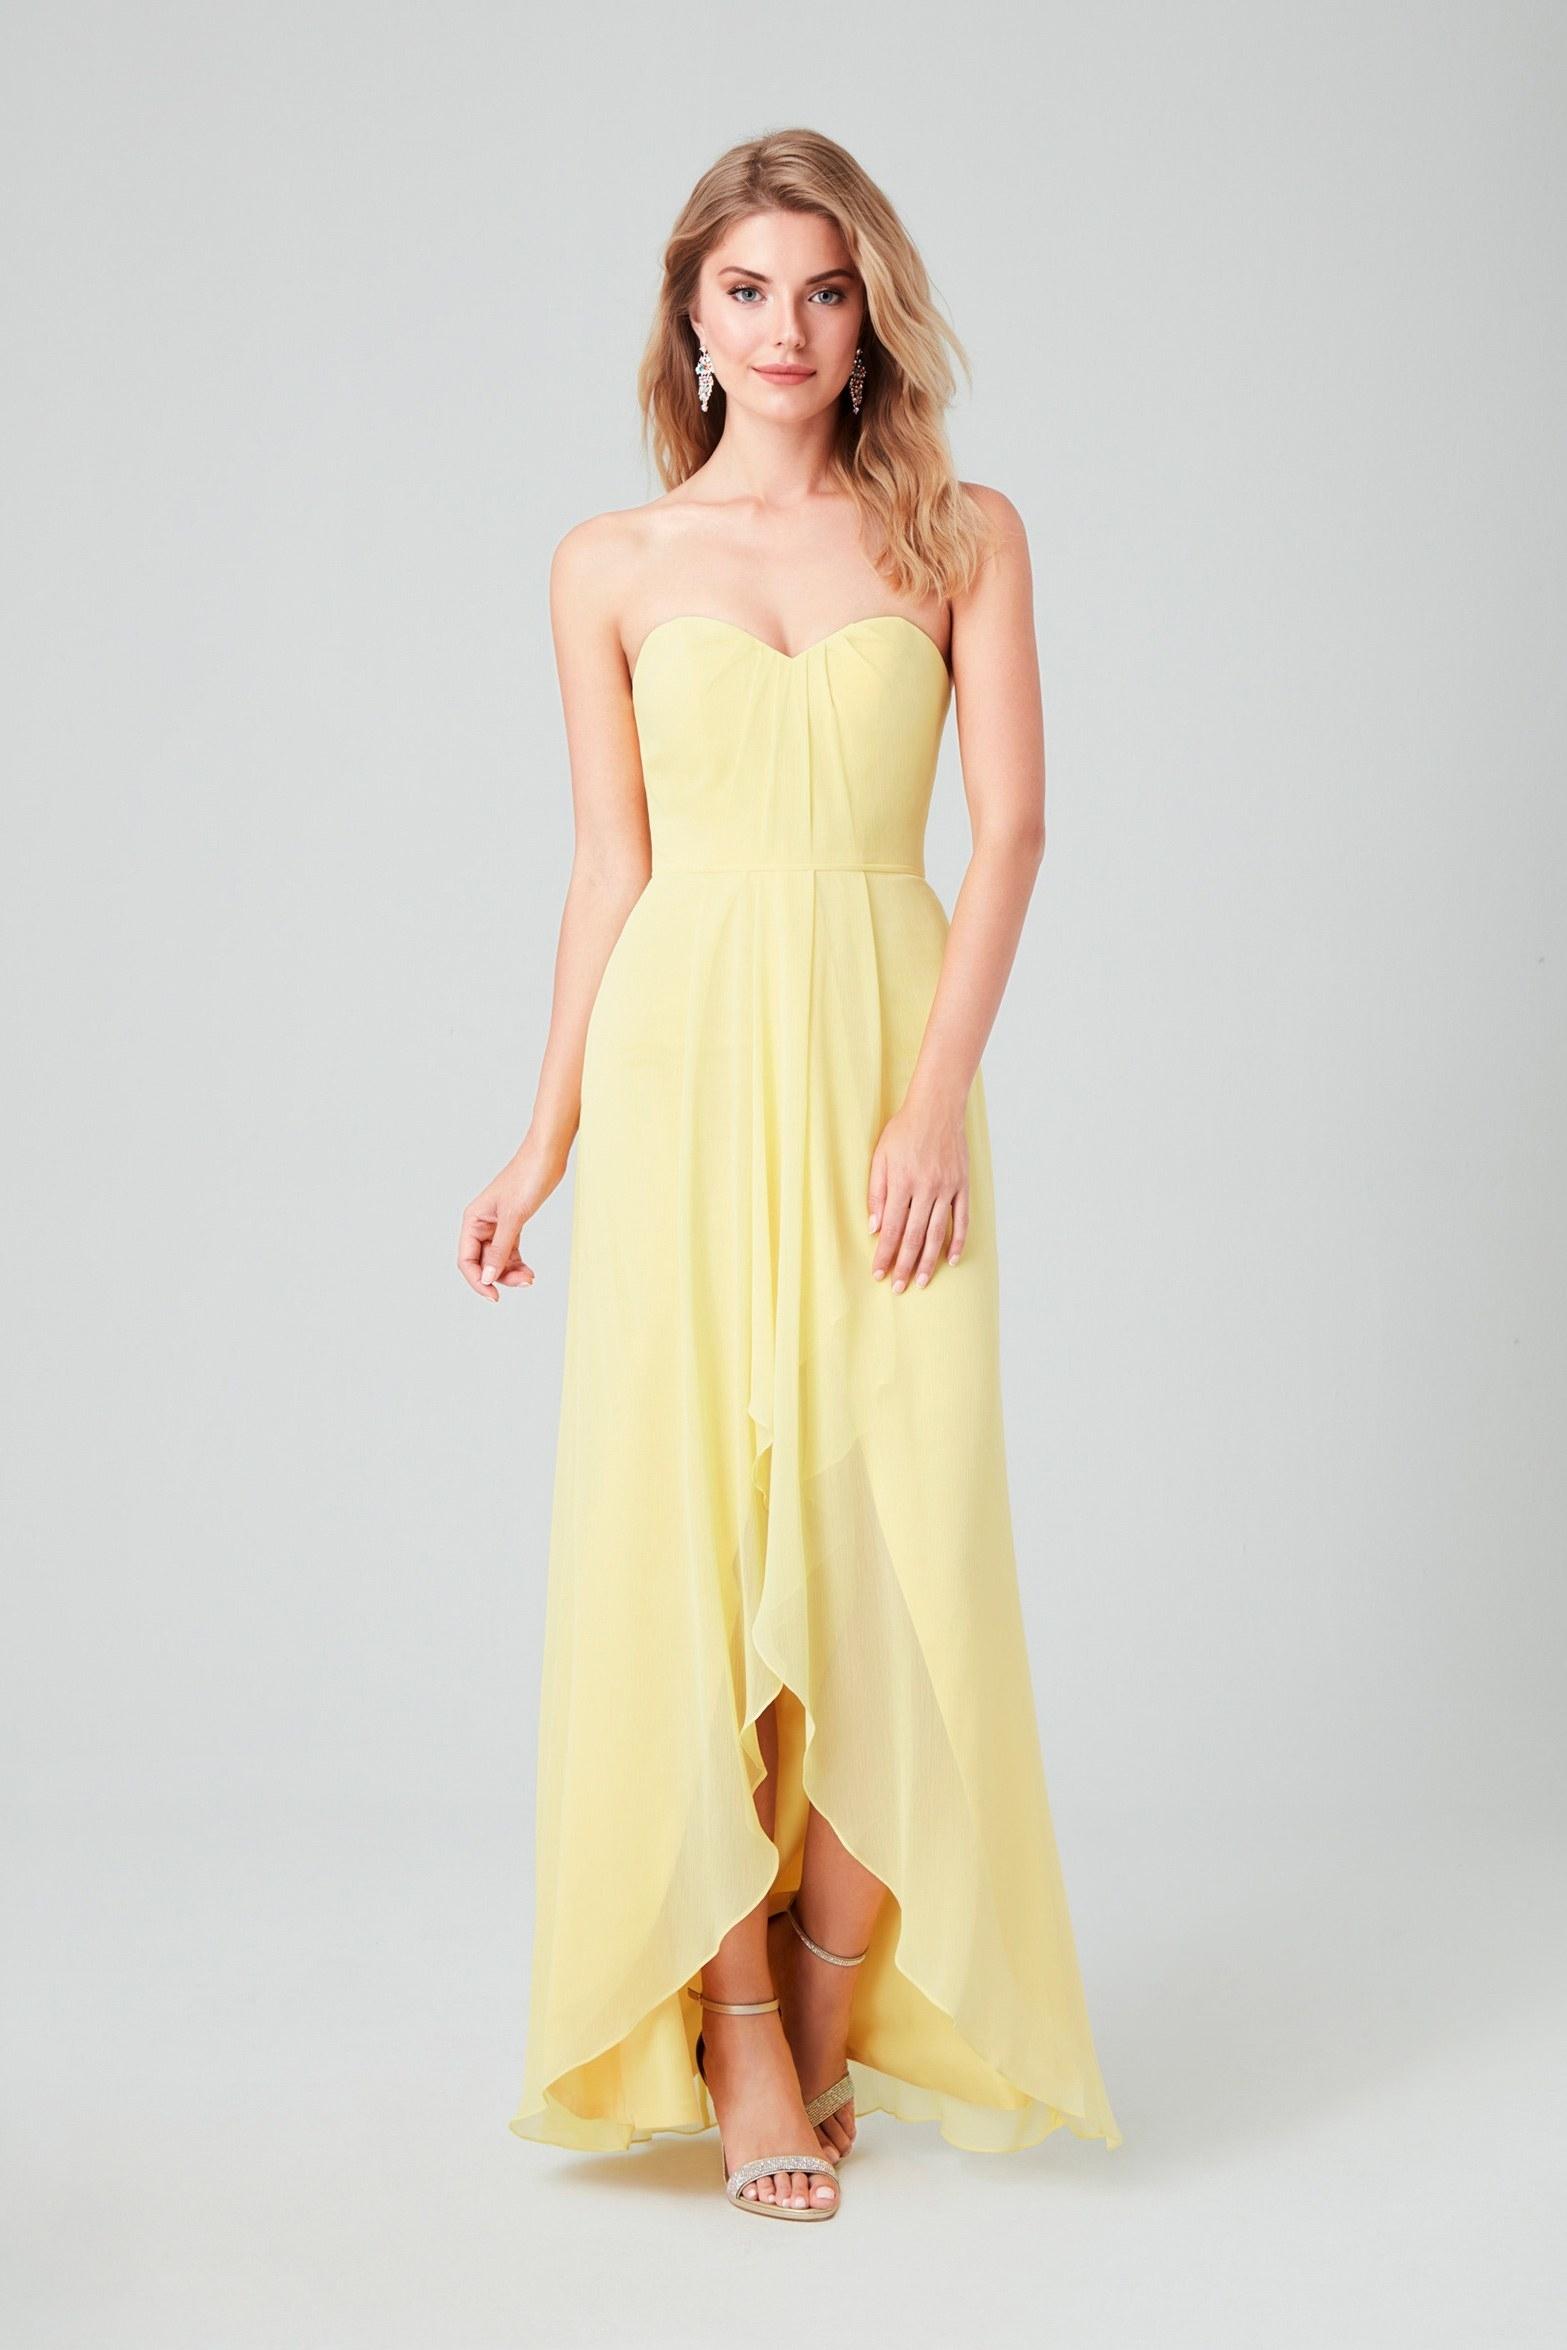 Sarı Önü Kısa Arkası Uzun Şifon Abiye Elbise - Thumbnail